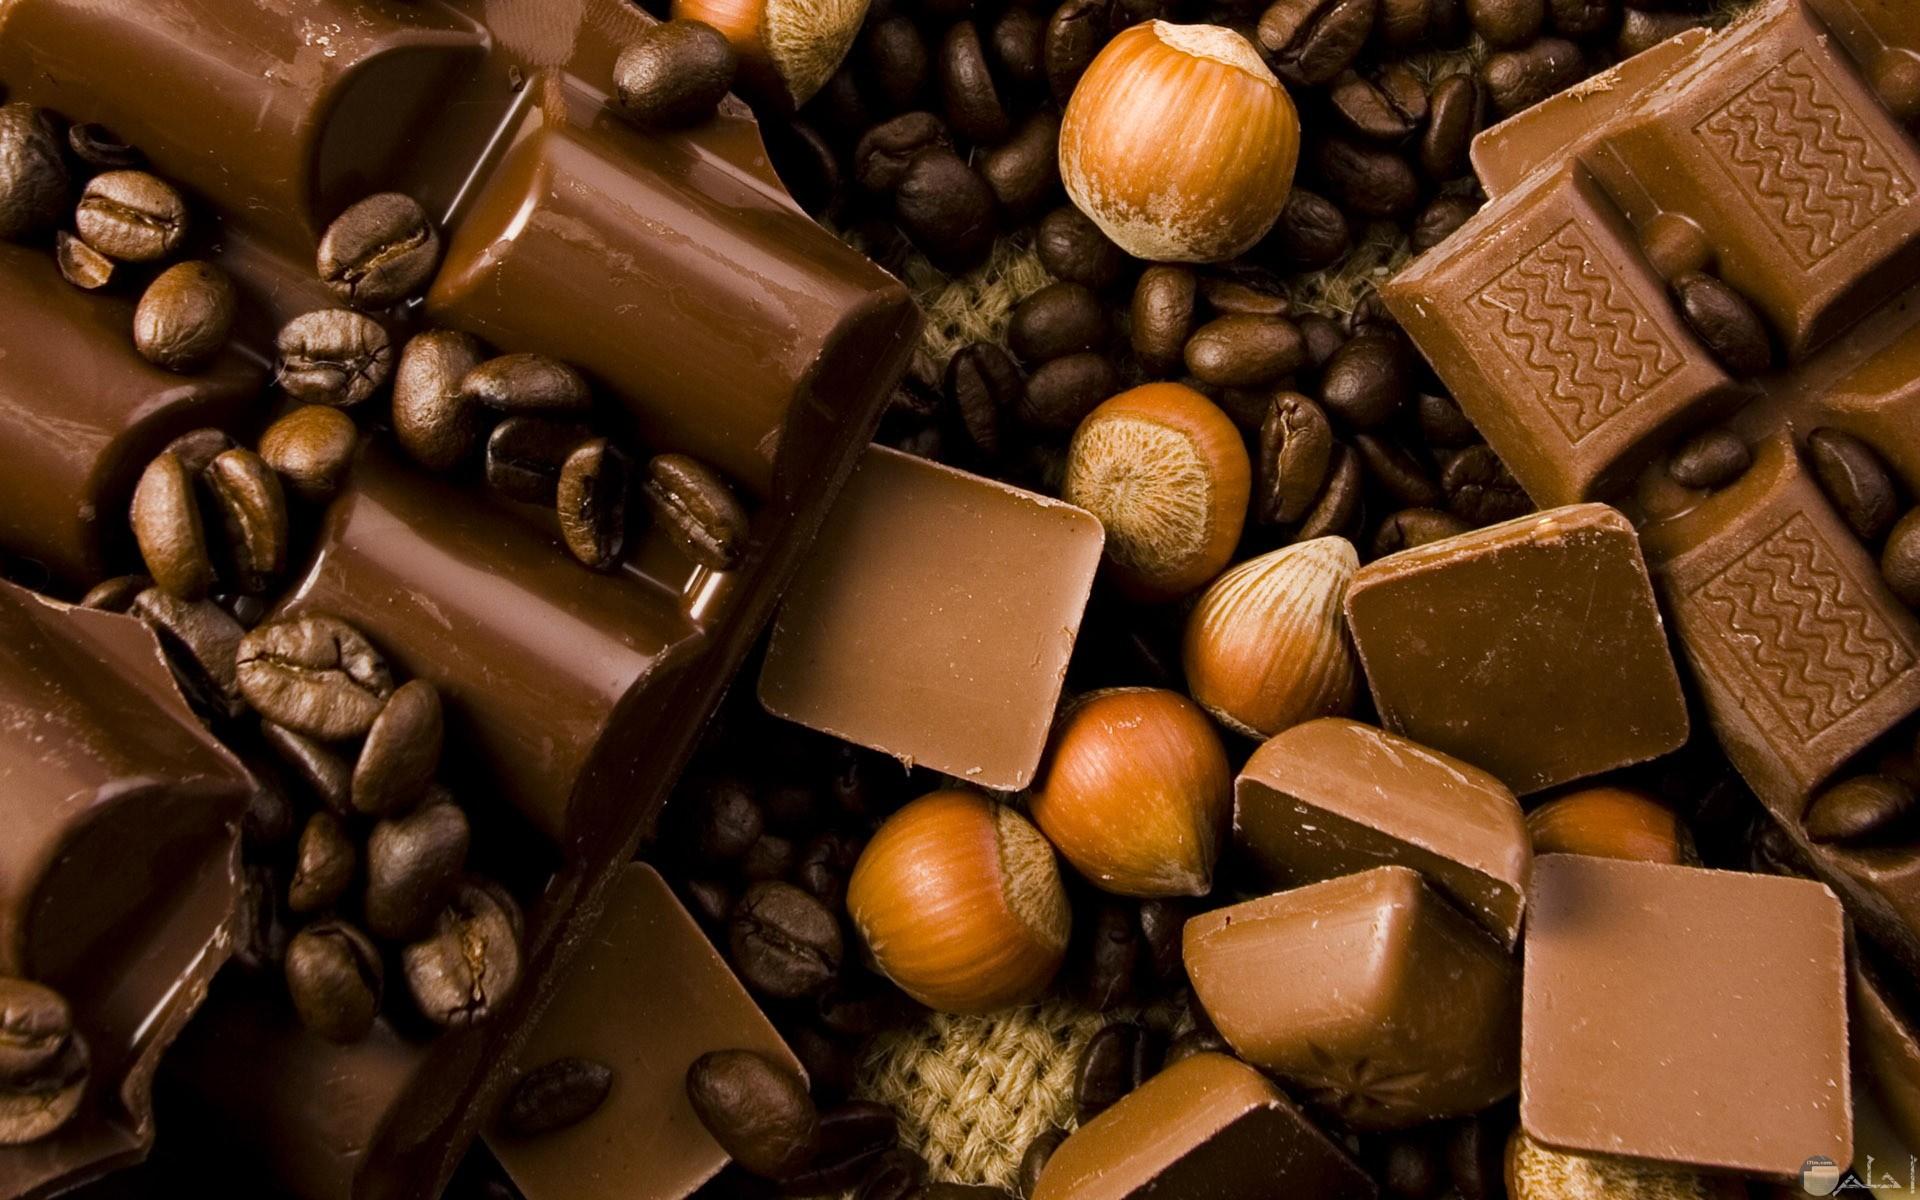 صورة لمجموعة مختلفة الشكل للشوكولاته